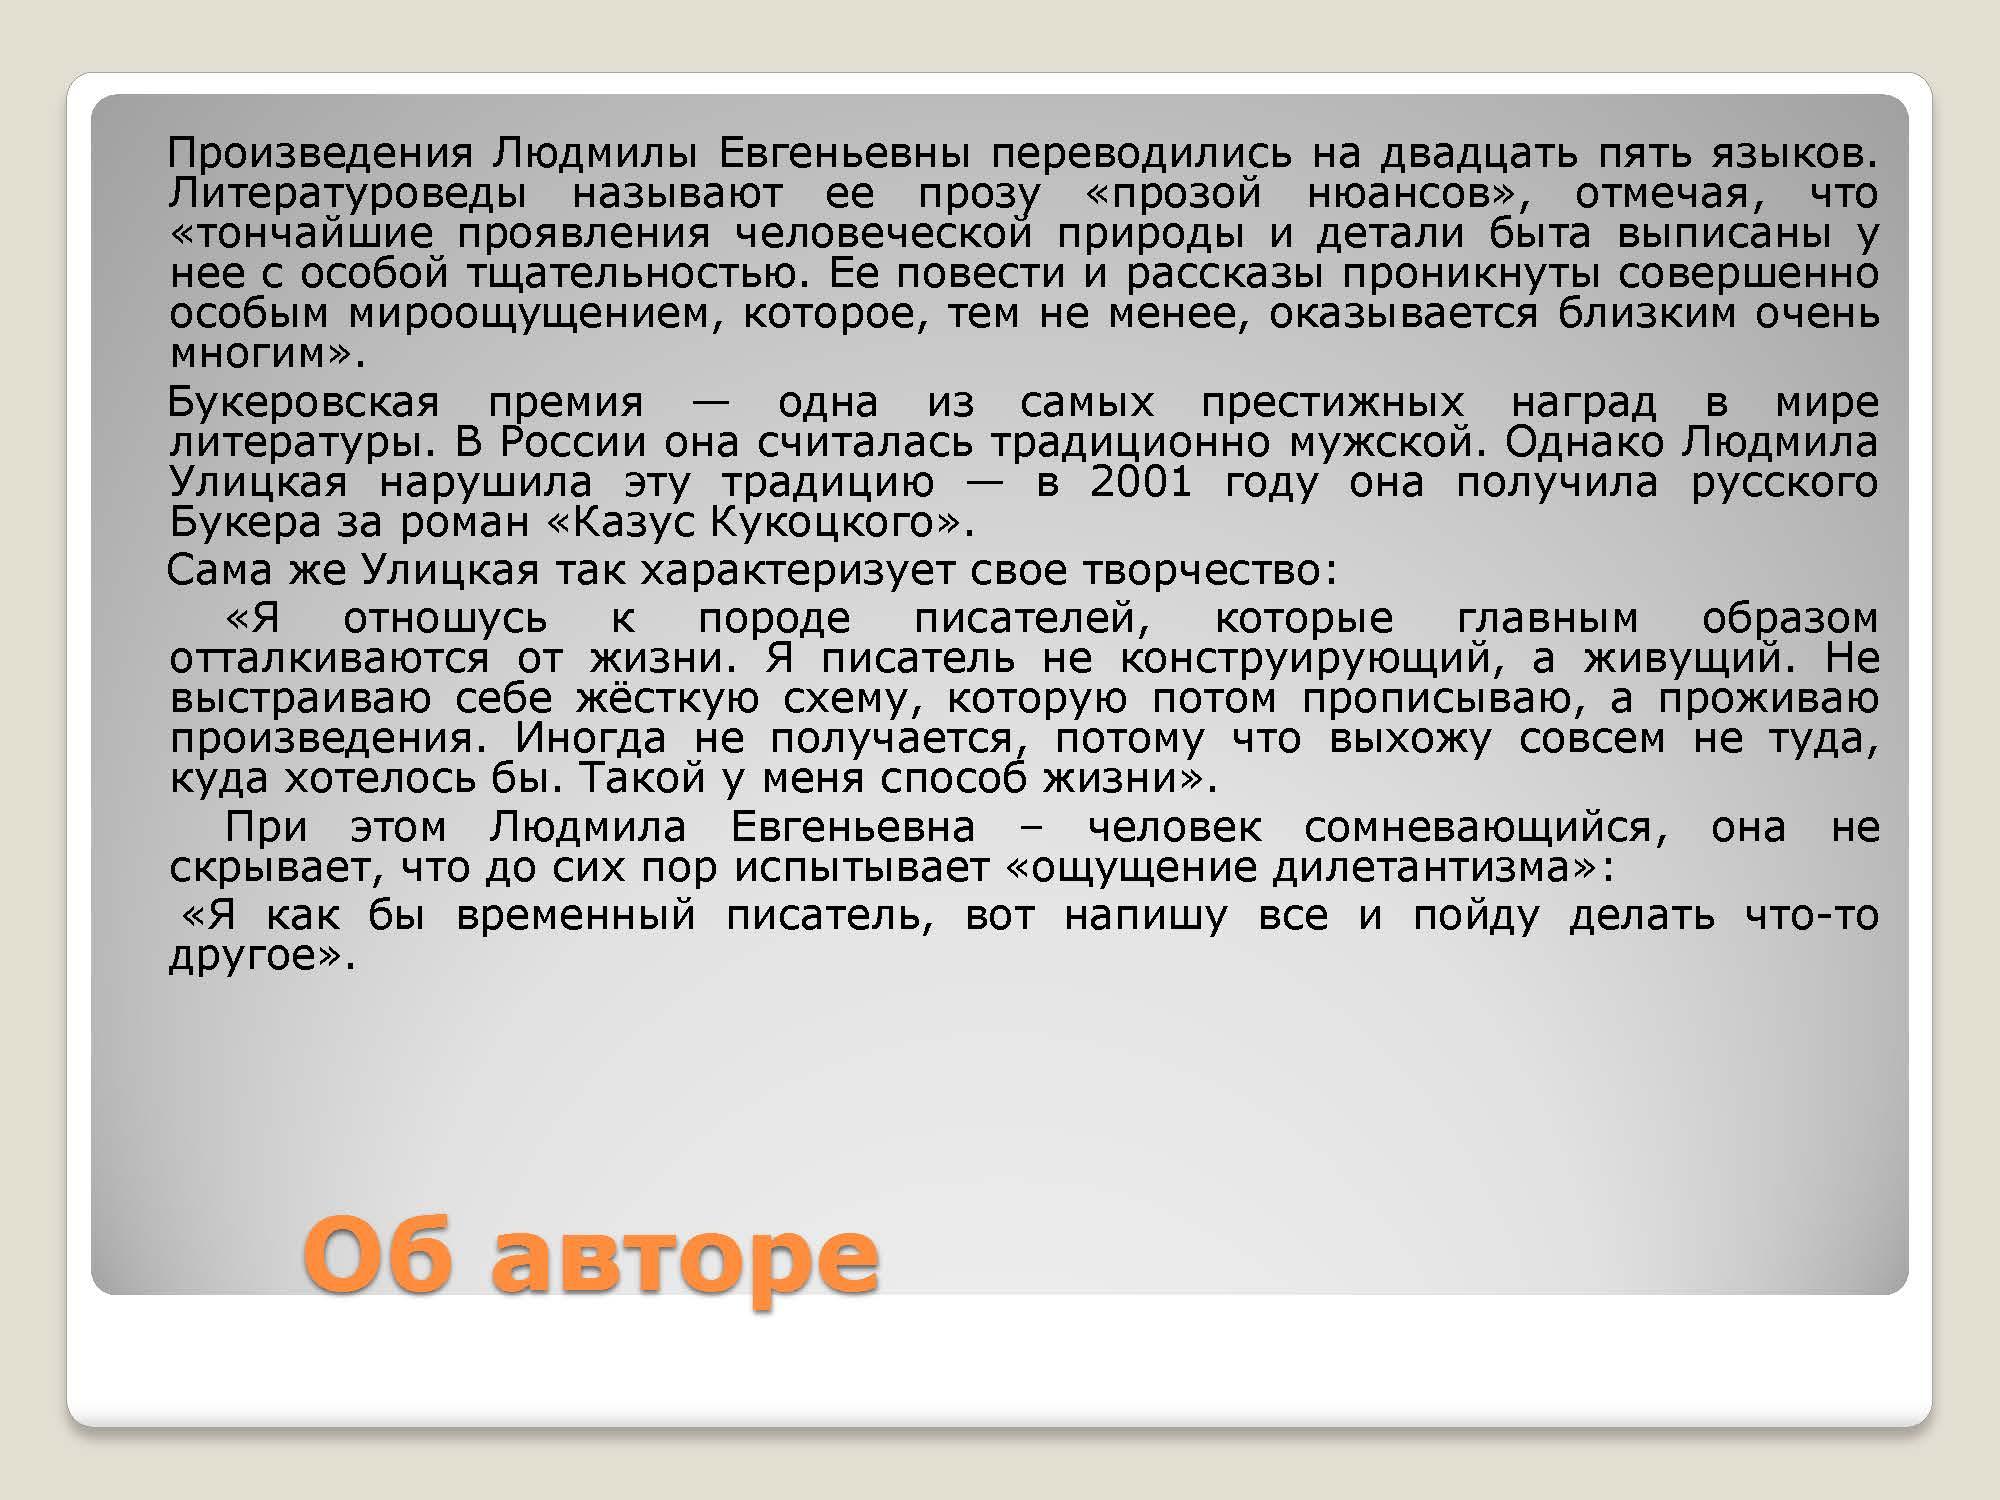 Произведения одного автора (Улицкая)_Страница_03